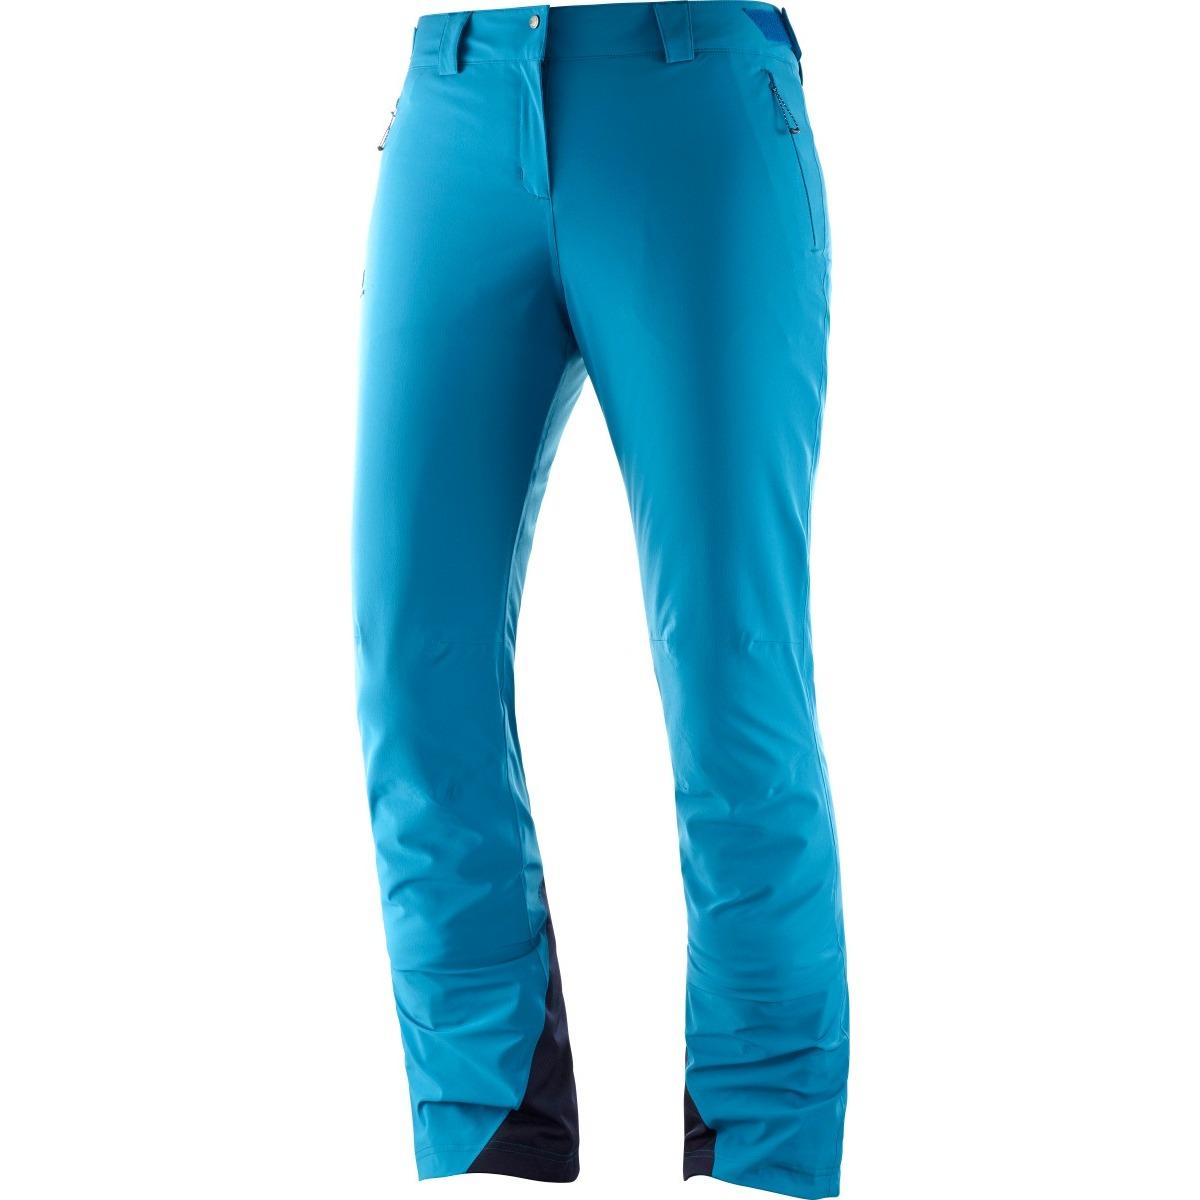 Pantaloni de ski Salomon ICEMANIA - Albastru